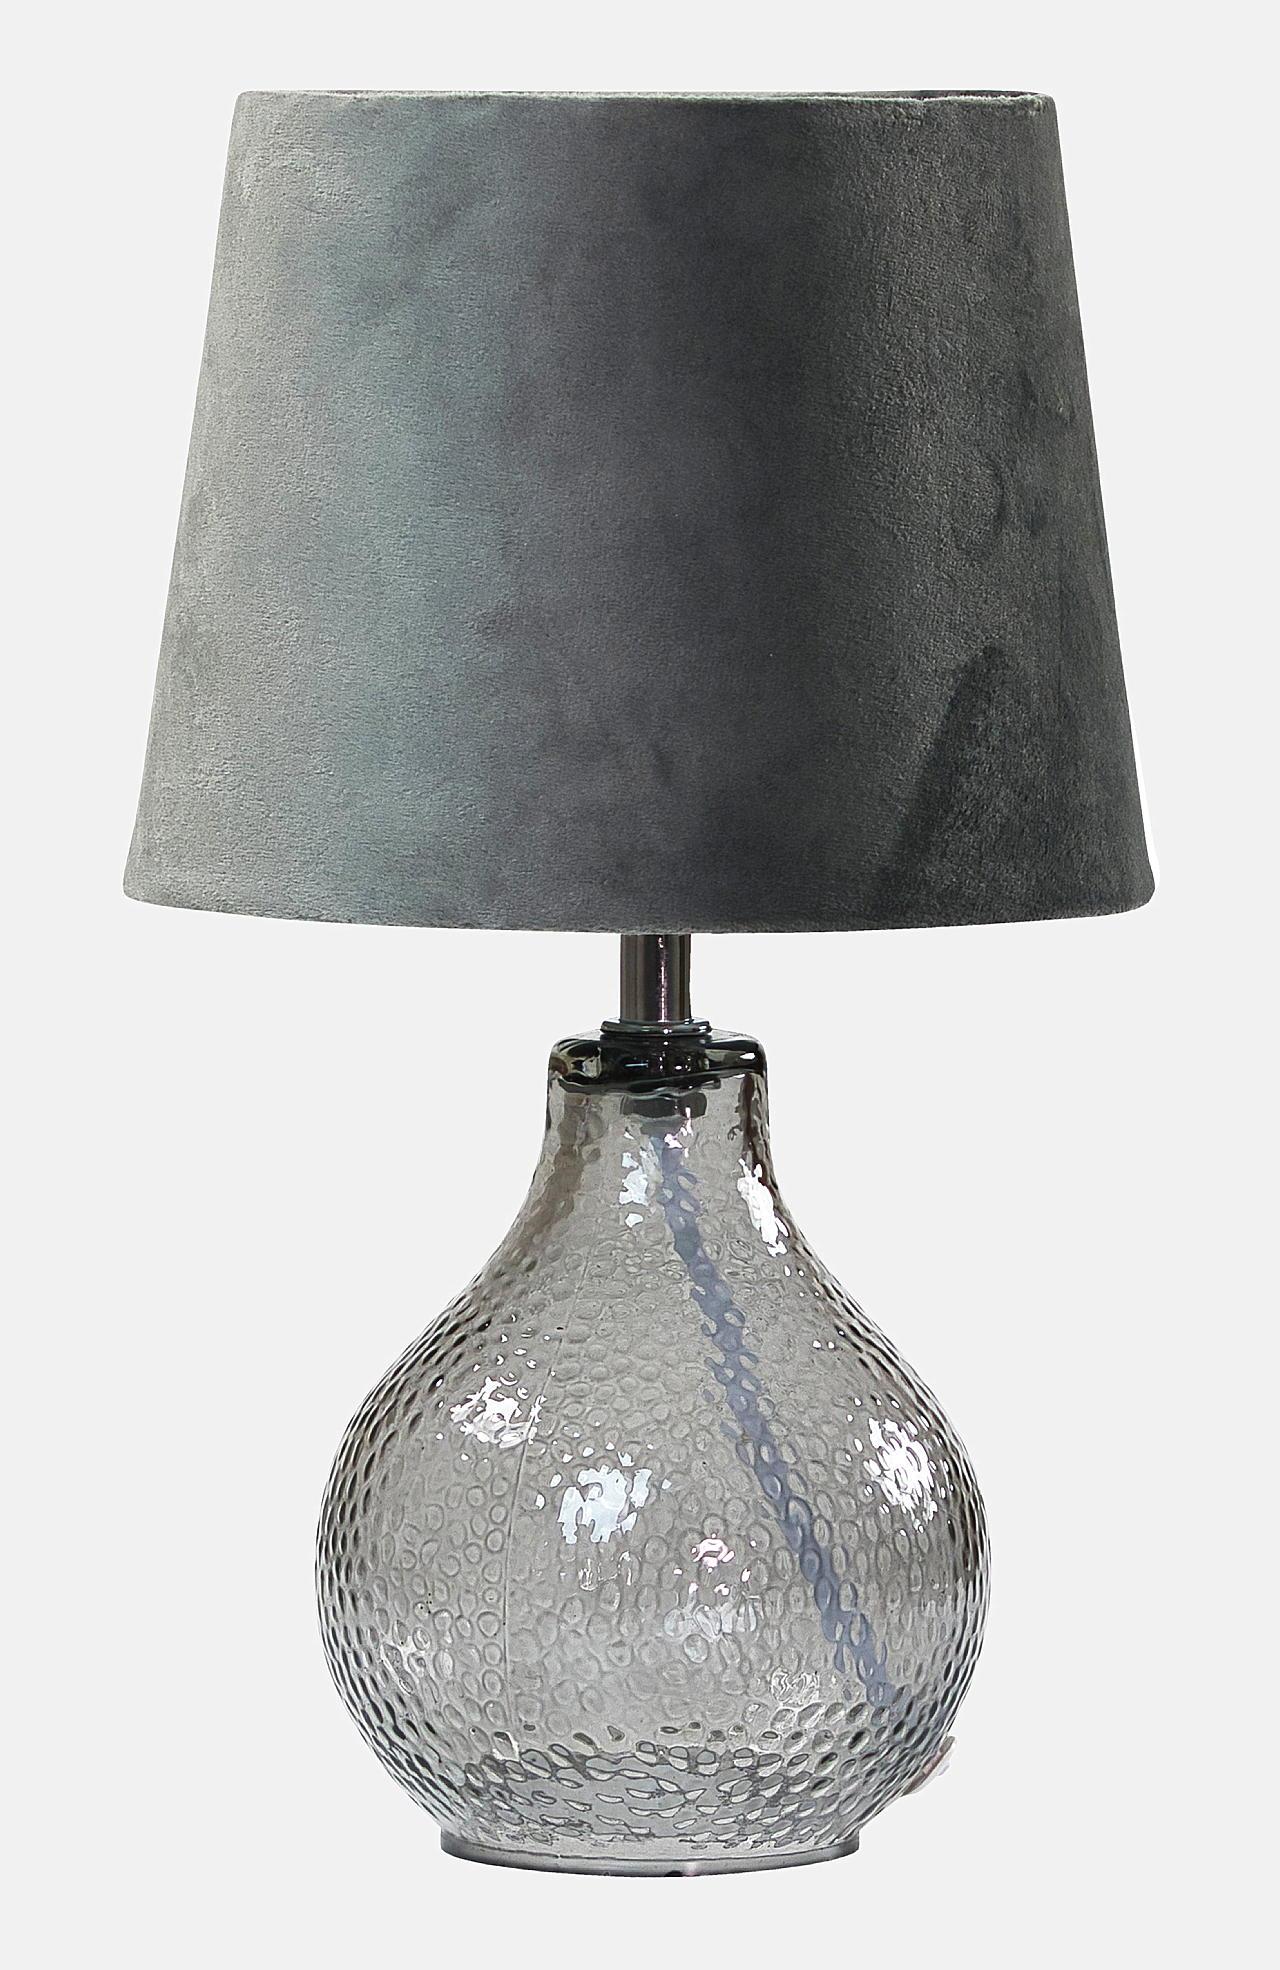 Galda lampa Julia stikls/samts 31 cm